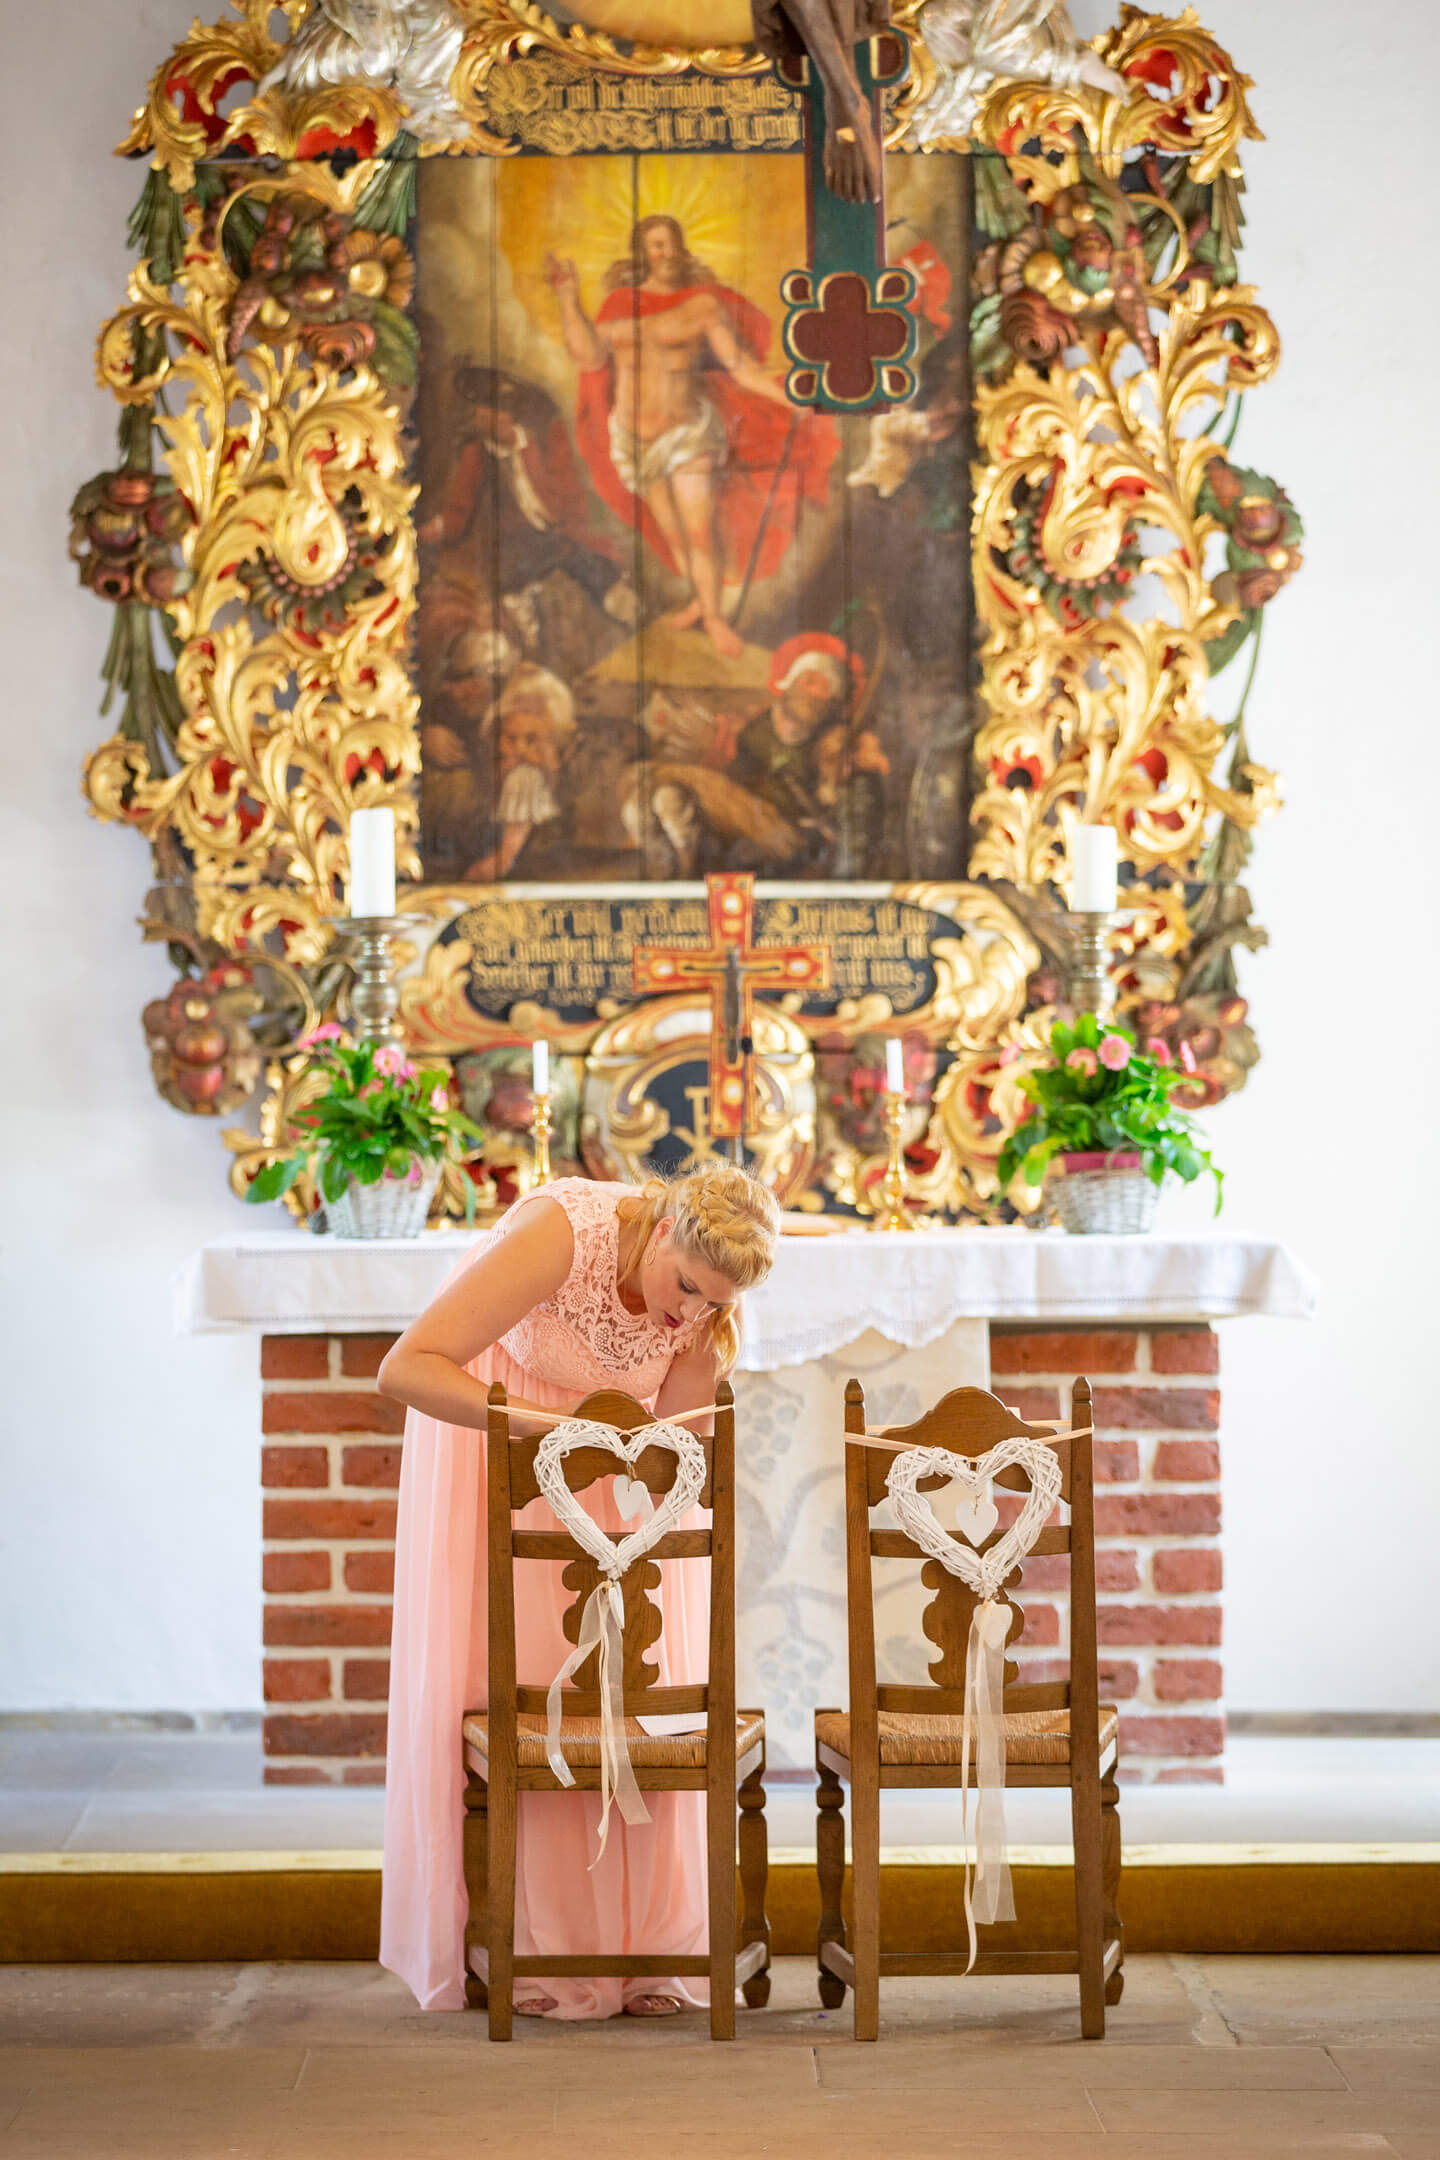 Die Trauzeugin hilft bei den letzten Vorbereitungen in der Kirche